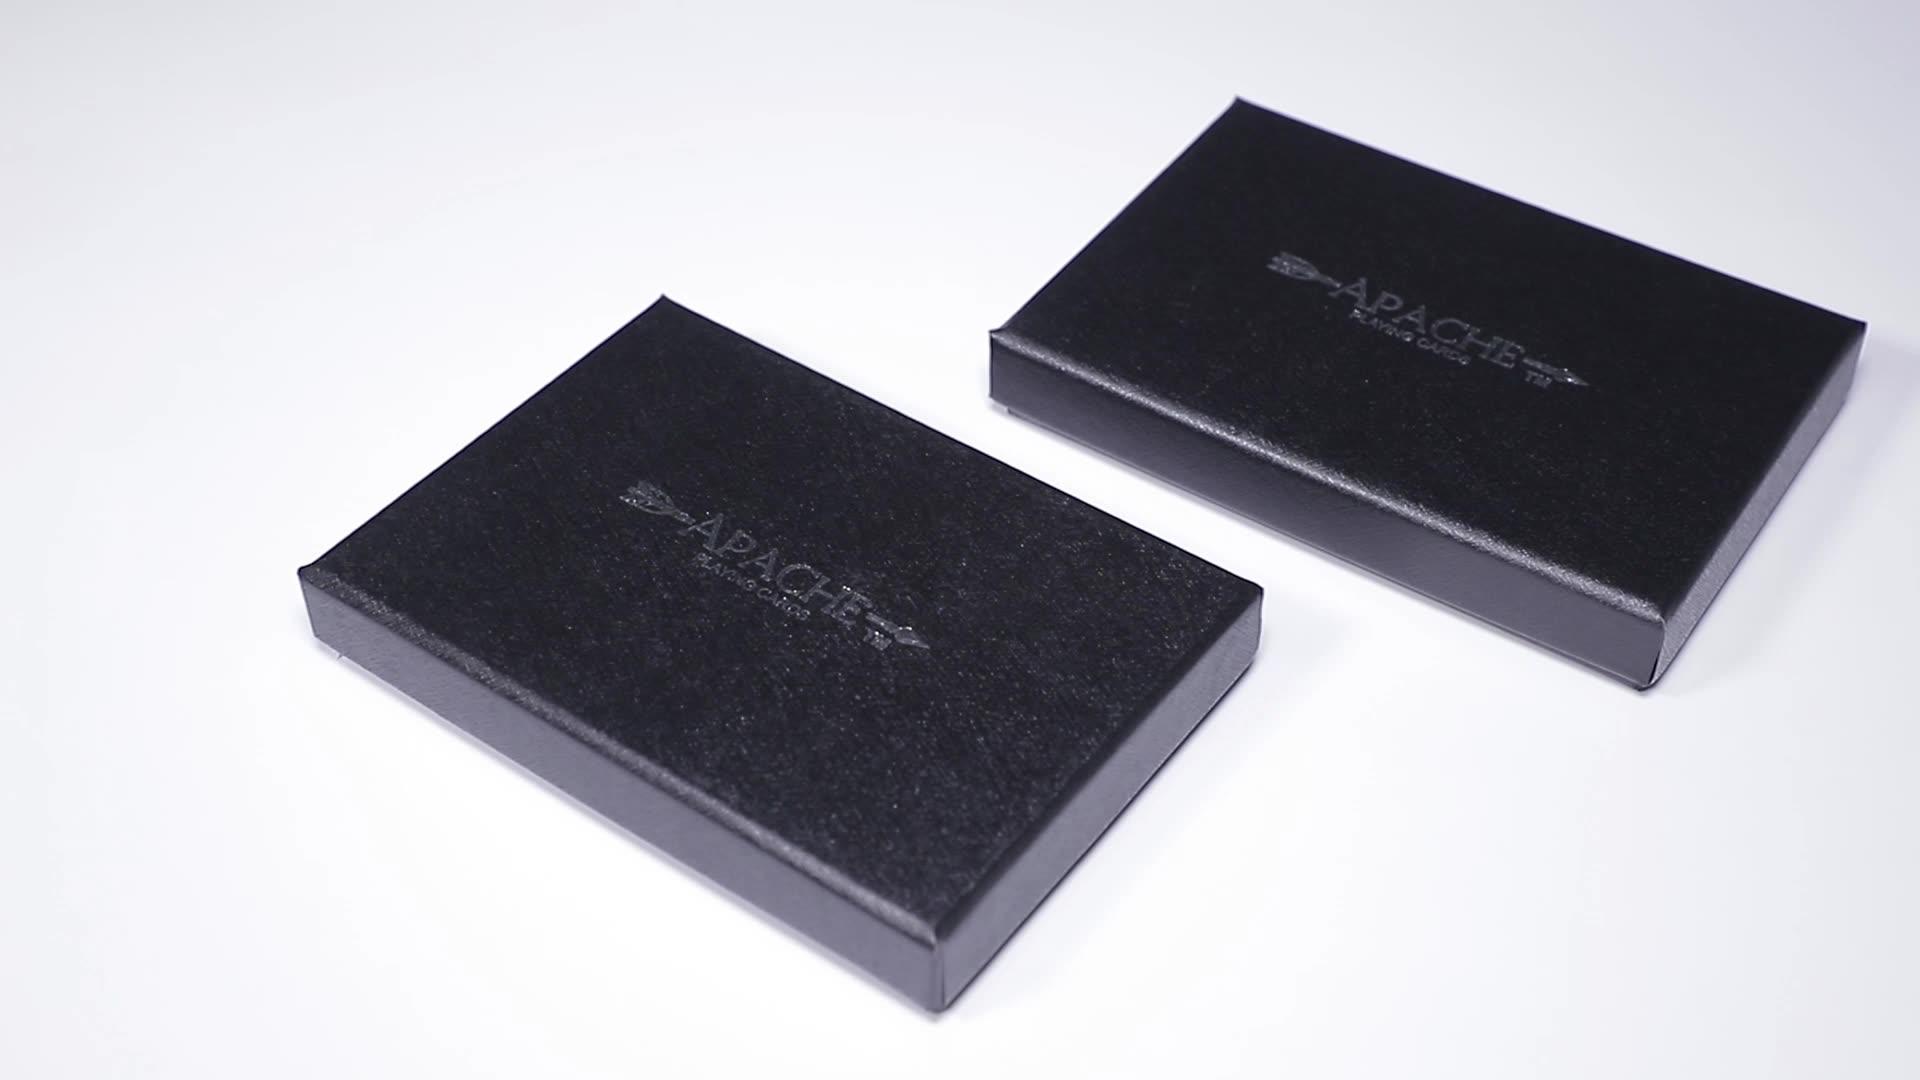 Хорошее качество печать на заказ Королевский роскошный матовый черный казино ПВХ покер 100% пластиковые игральные карты